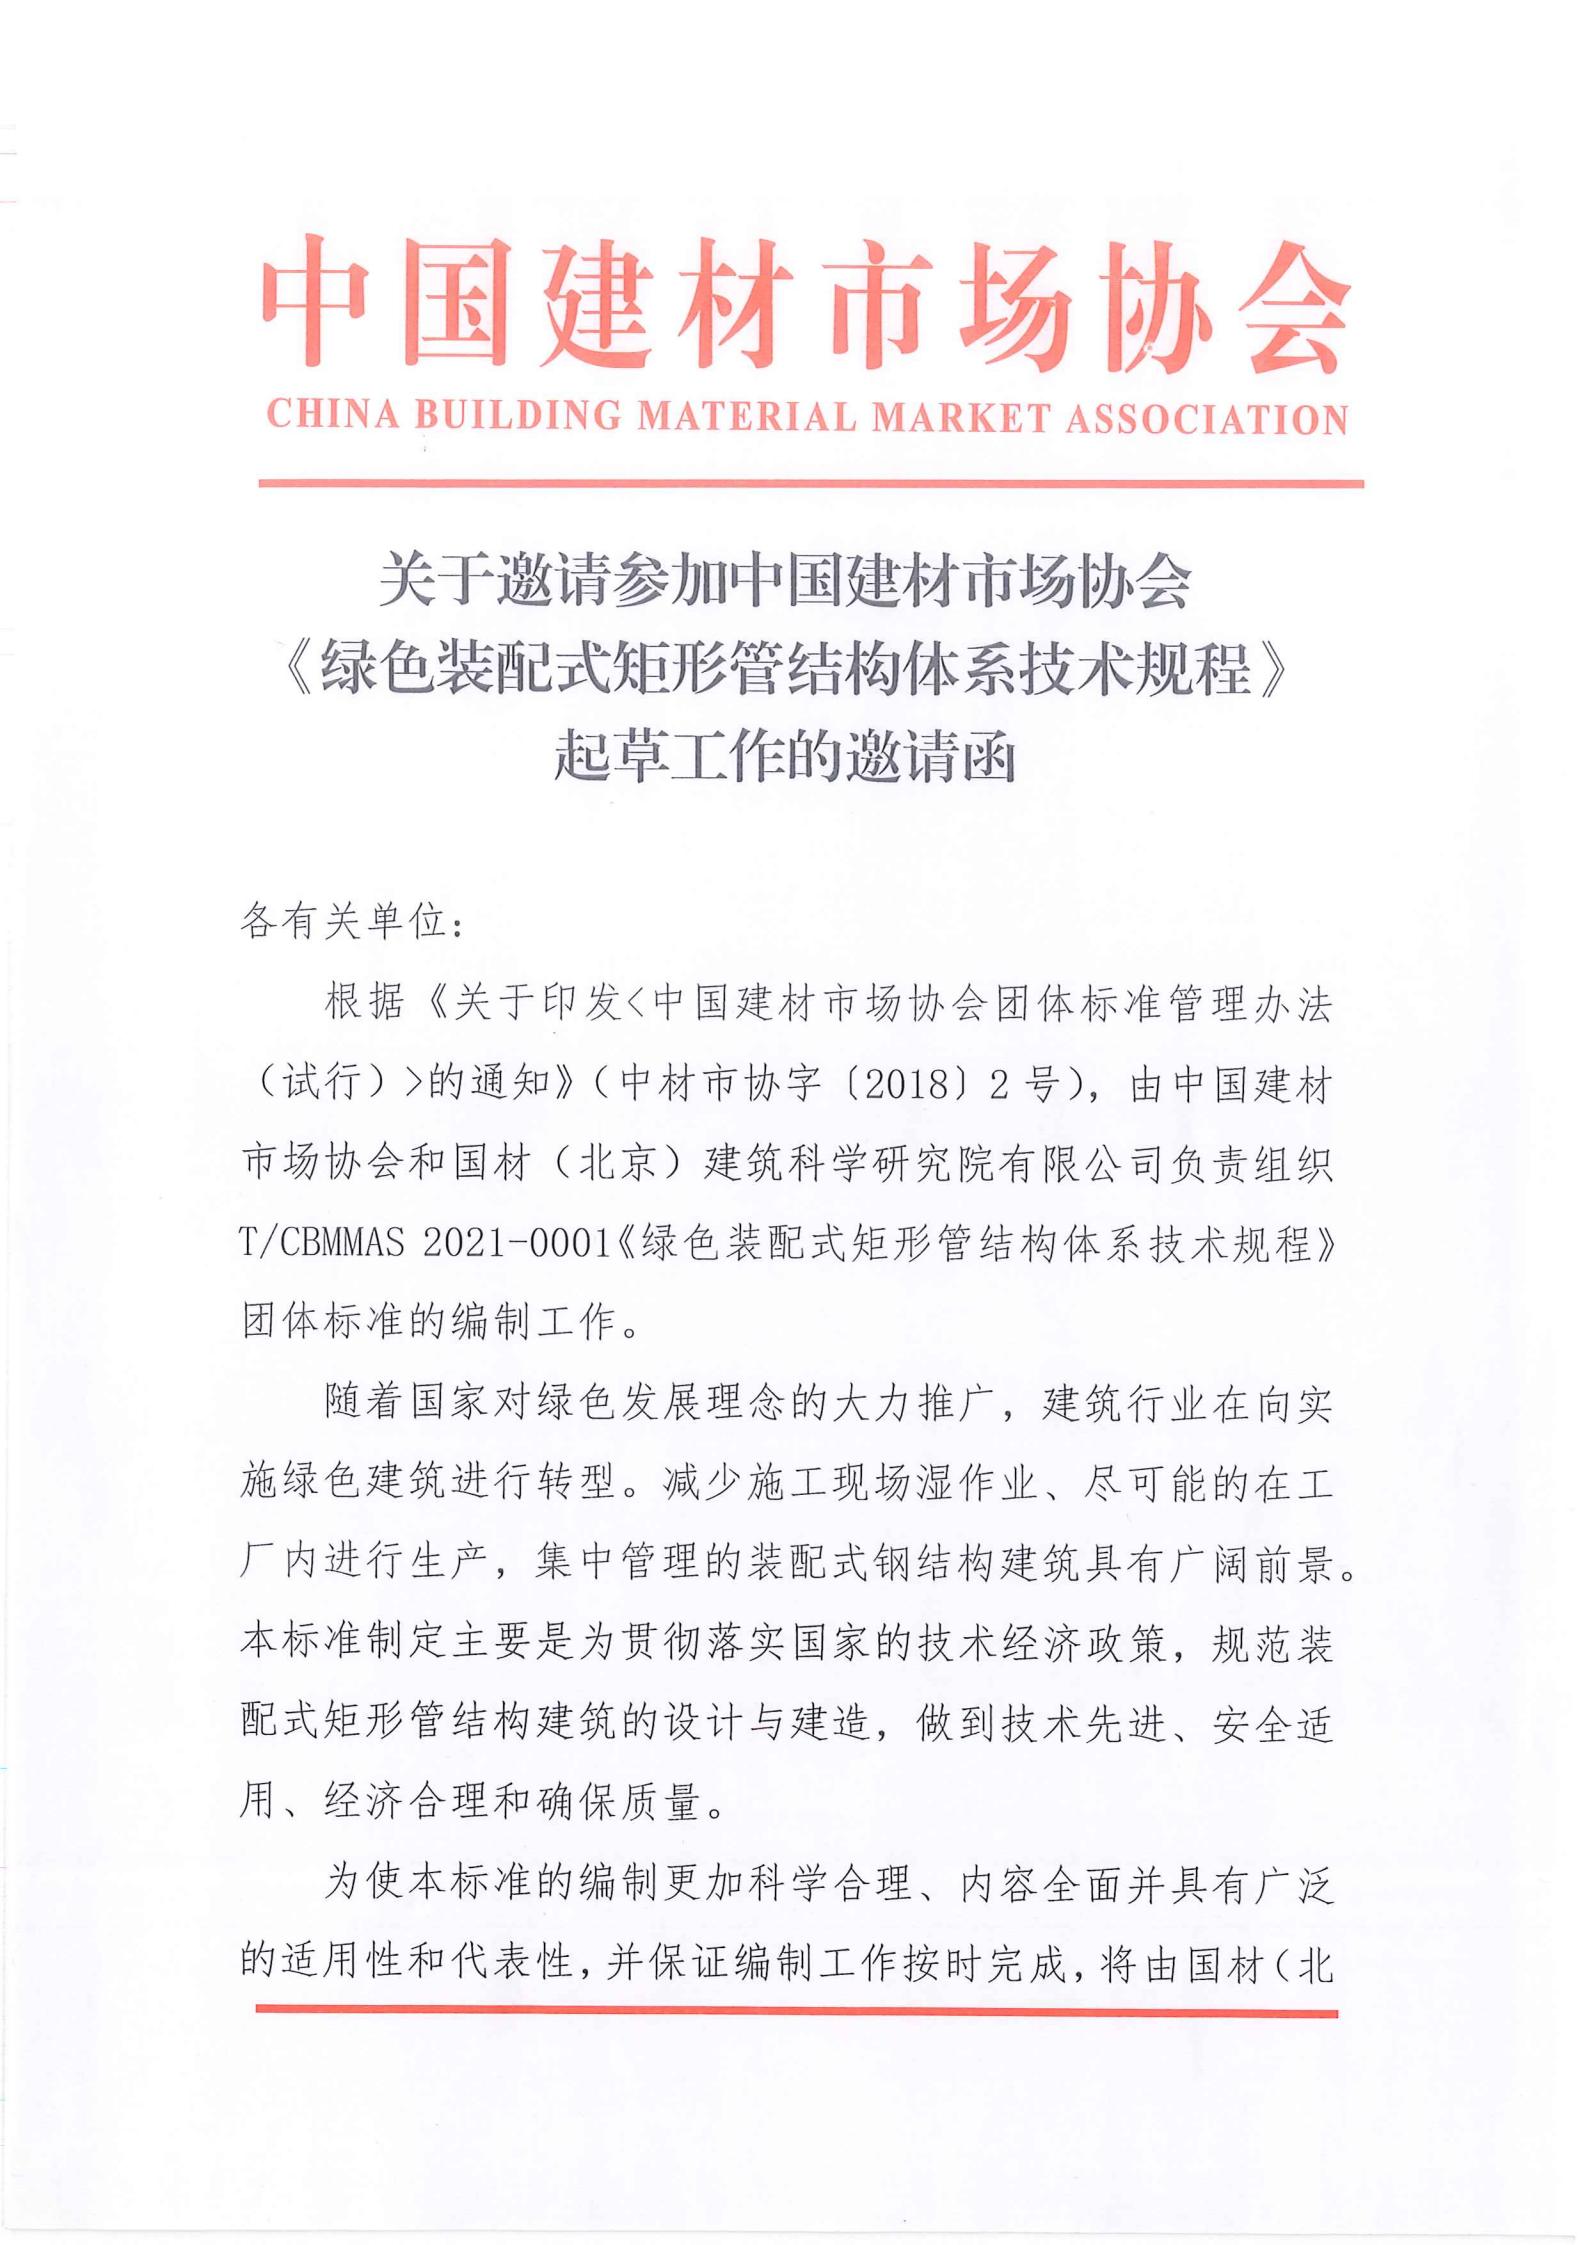 關于邀請參加中國建材市場協會《綠色裝配式矩形管結構體系技術規程》起草工作的邀請函_00.png